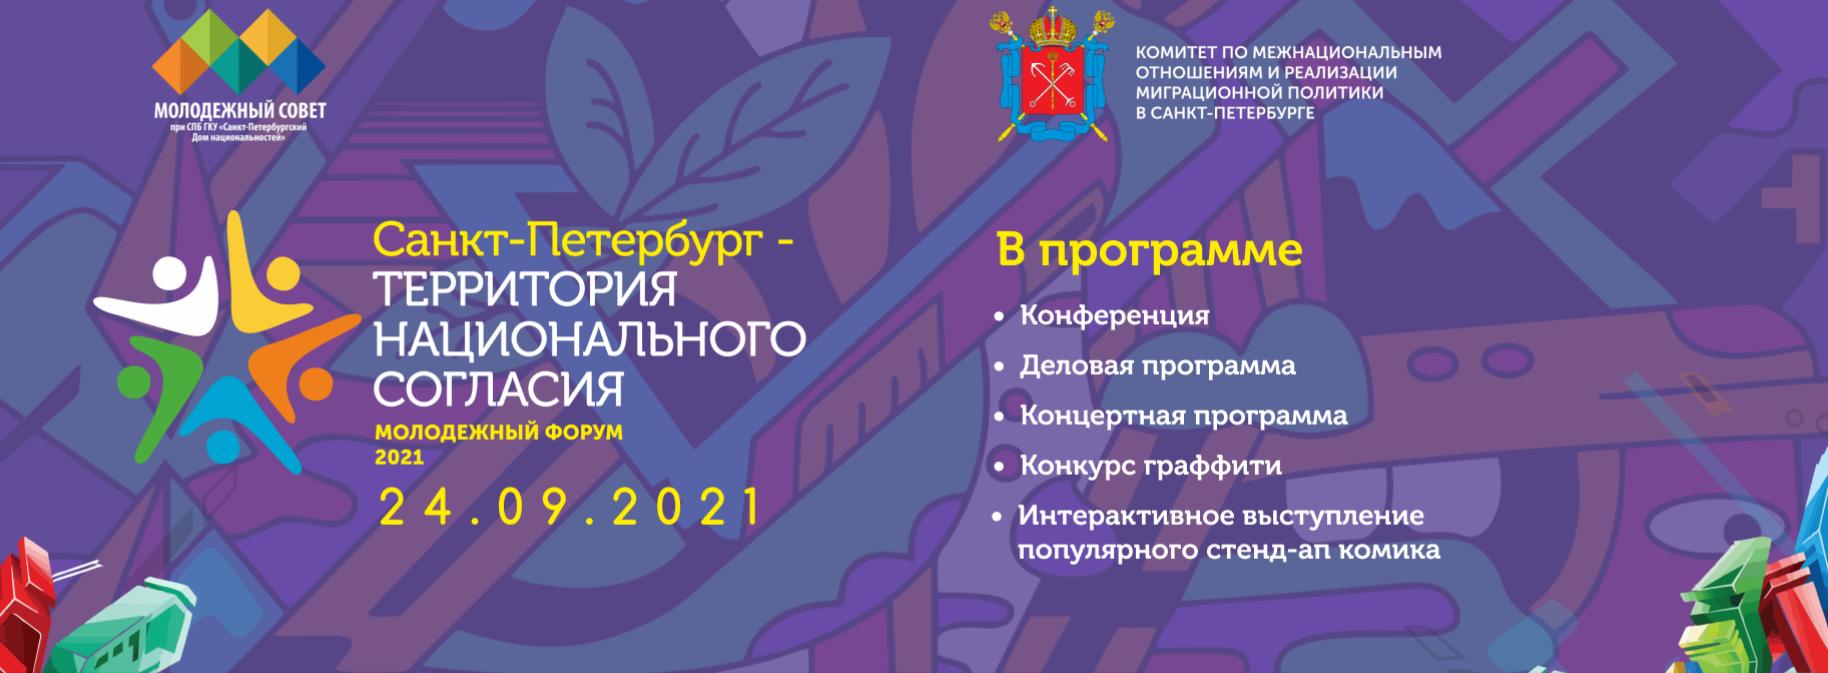 Заставка форума: Санкт-Петербург - территория национального согласия. Молодежный форум 2021. Дата проведения: 24.09.2021